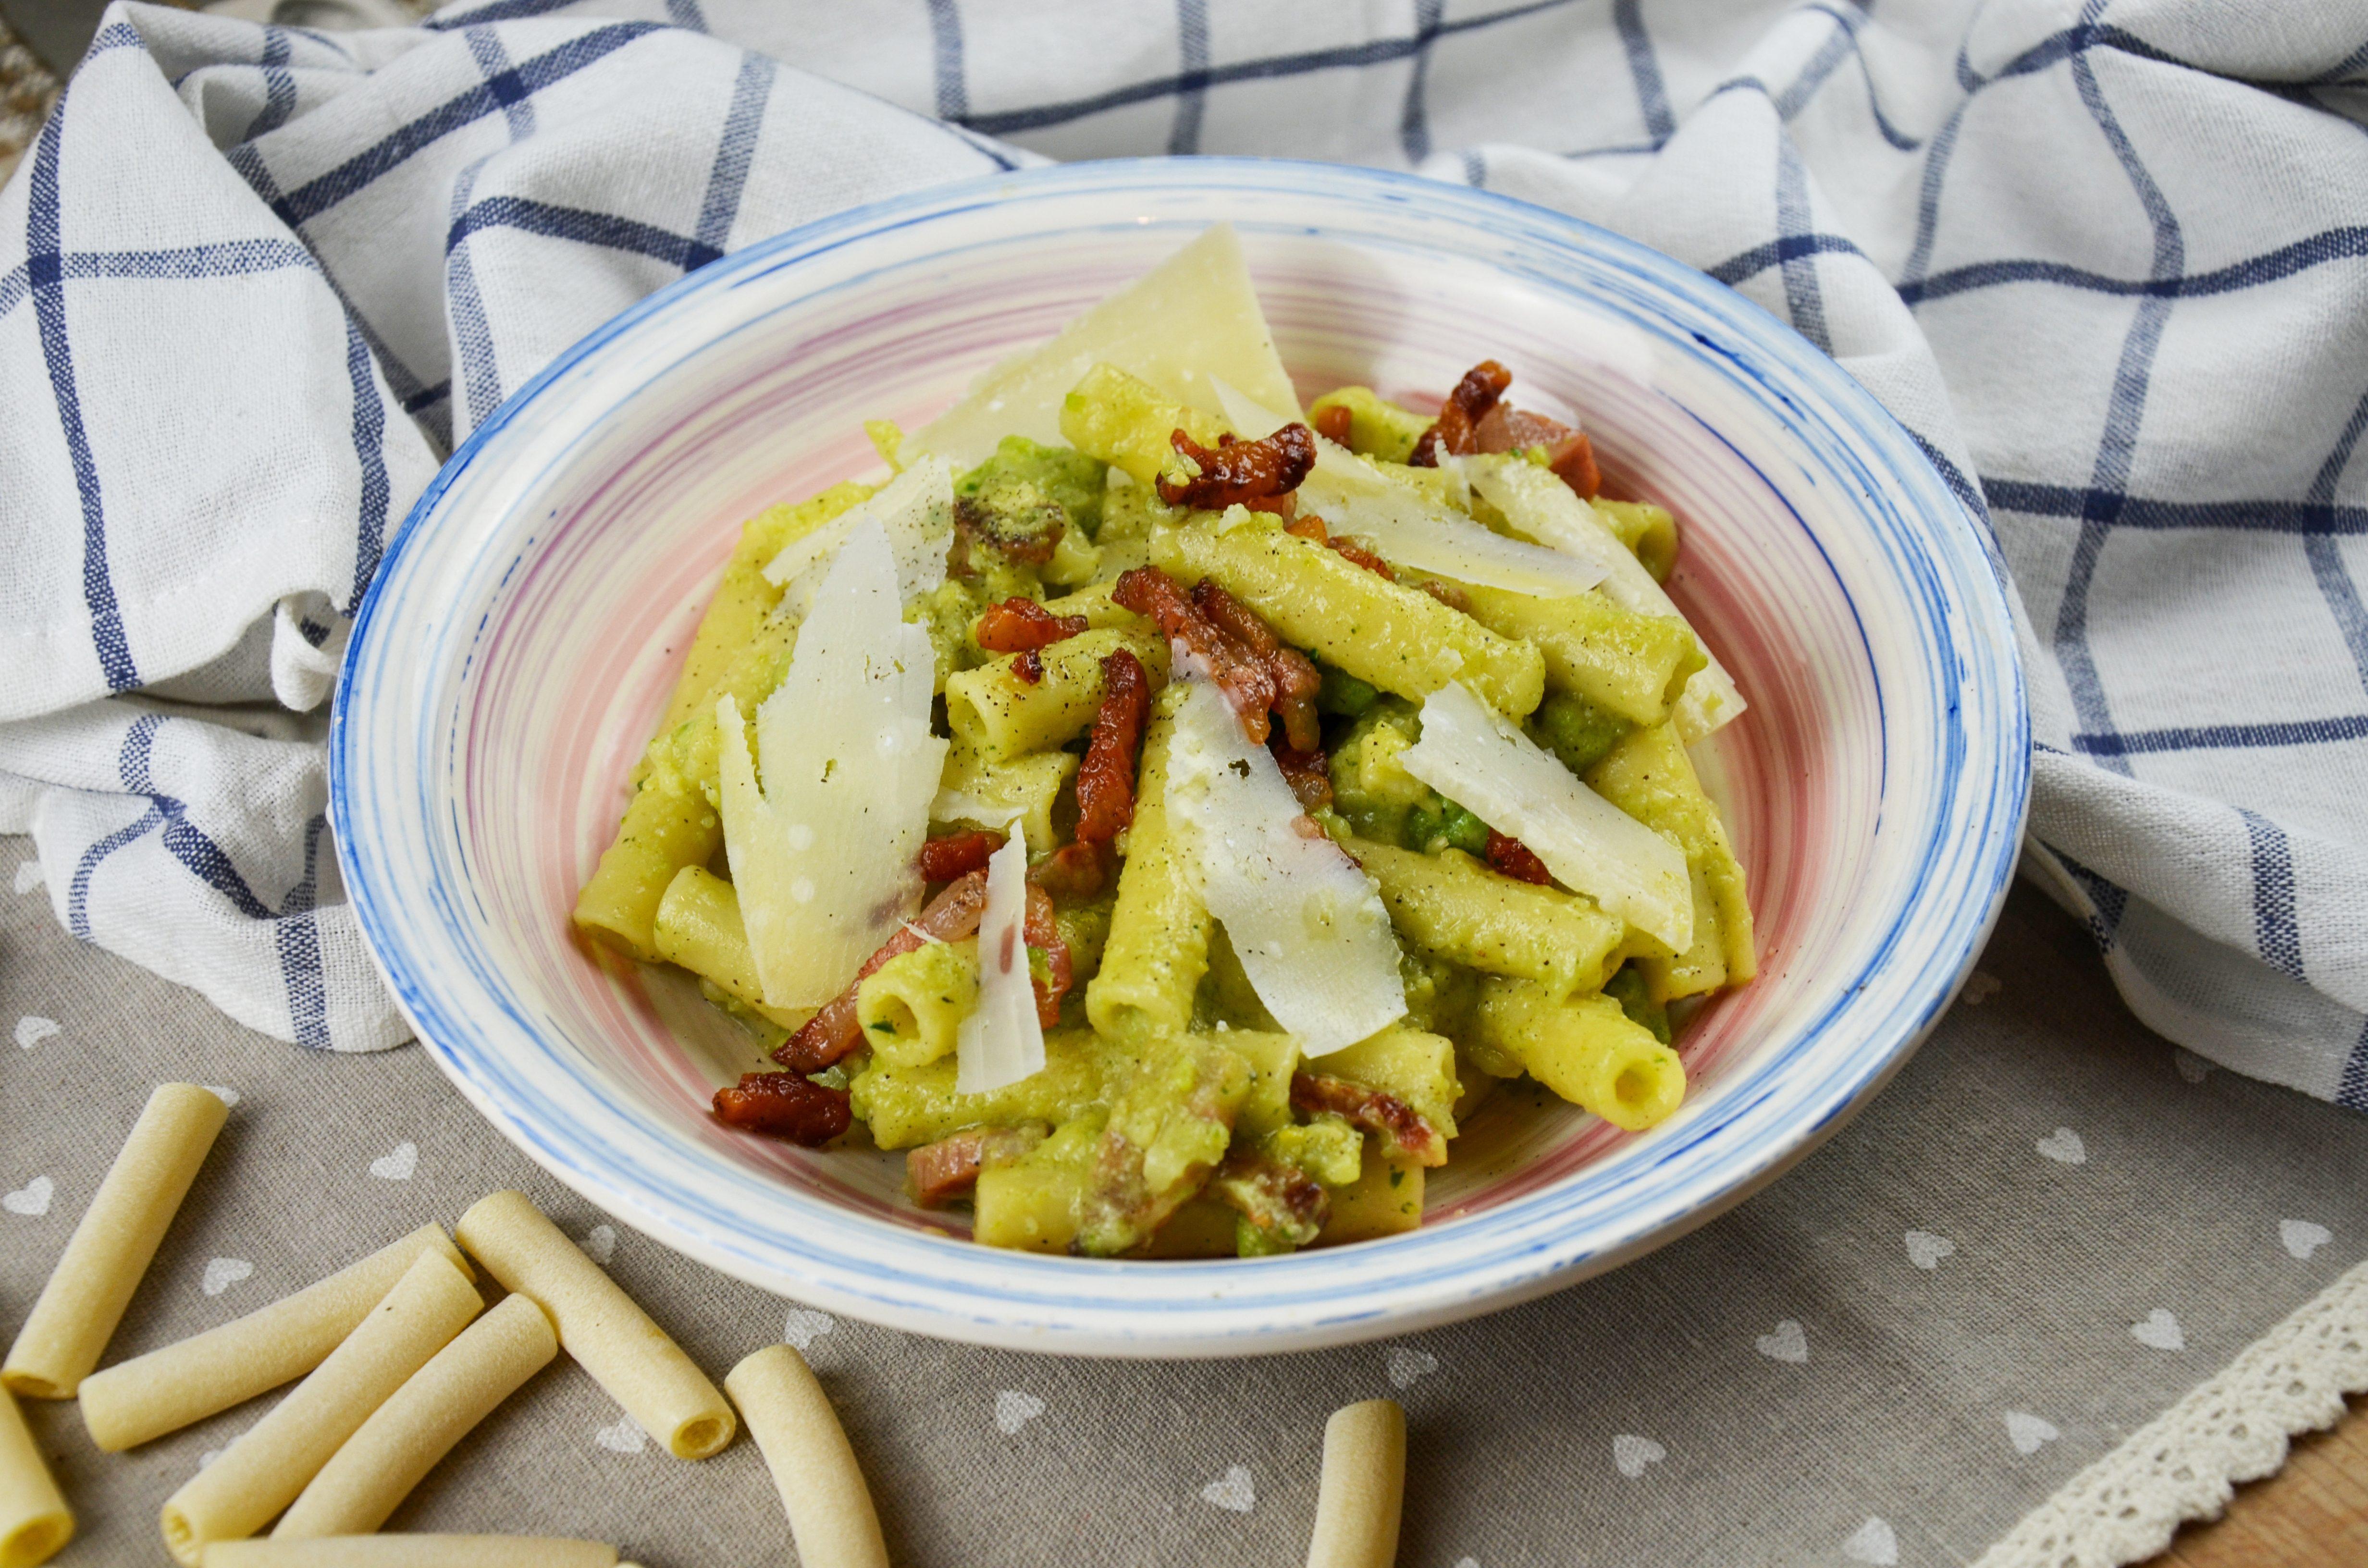 Pasta con broccolo romano e guanciale: la ricetta del piatto ricco e saporito